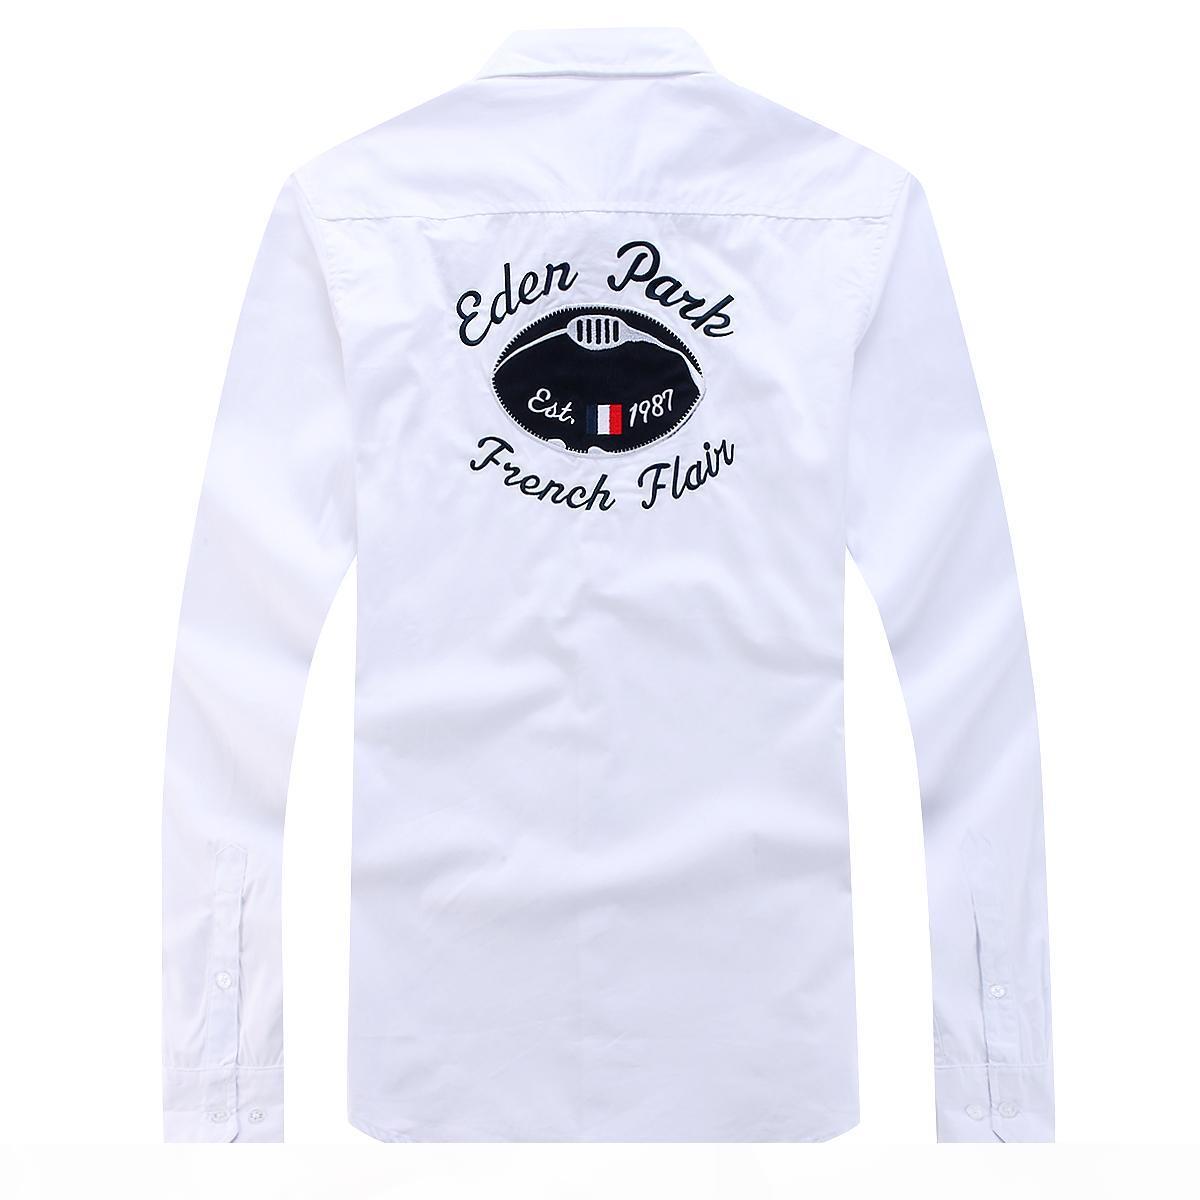 Homme chemise new eden park camisa de manga completa para homens de alta qualidade design agradável negócio estilo casual algodão tamanho m l xx xxl livre shippin homens